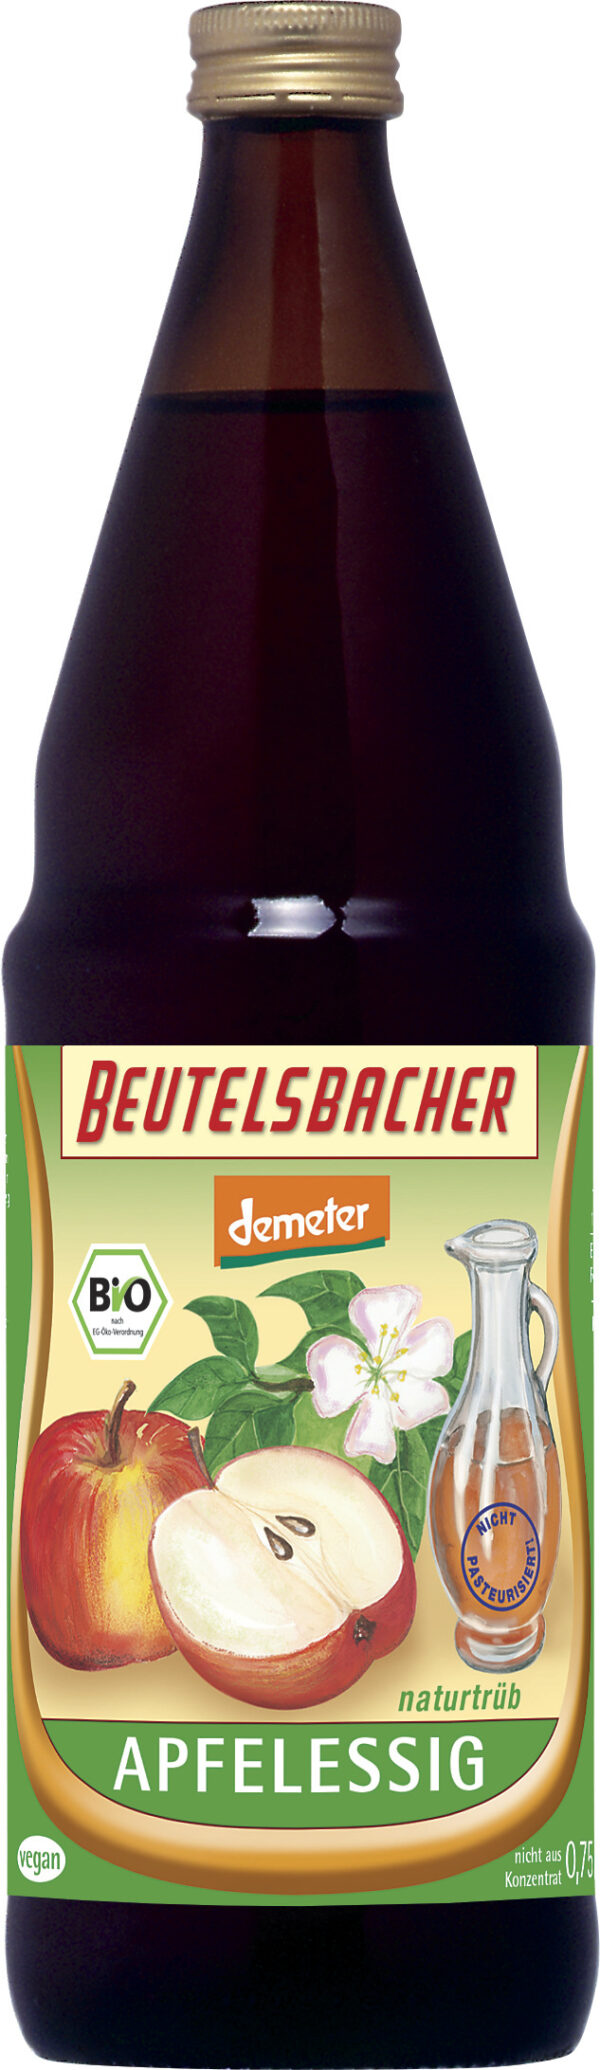 BEUTELSBACHER Demeter Apfelessig naturtrüb 6x0,75l